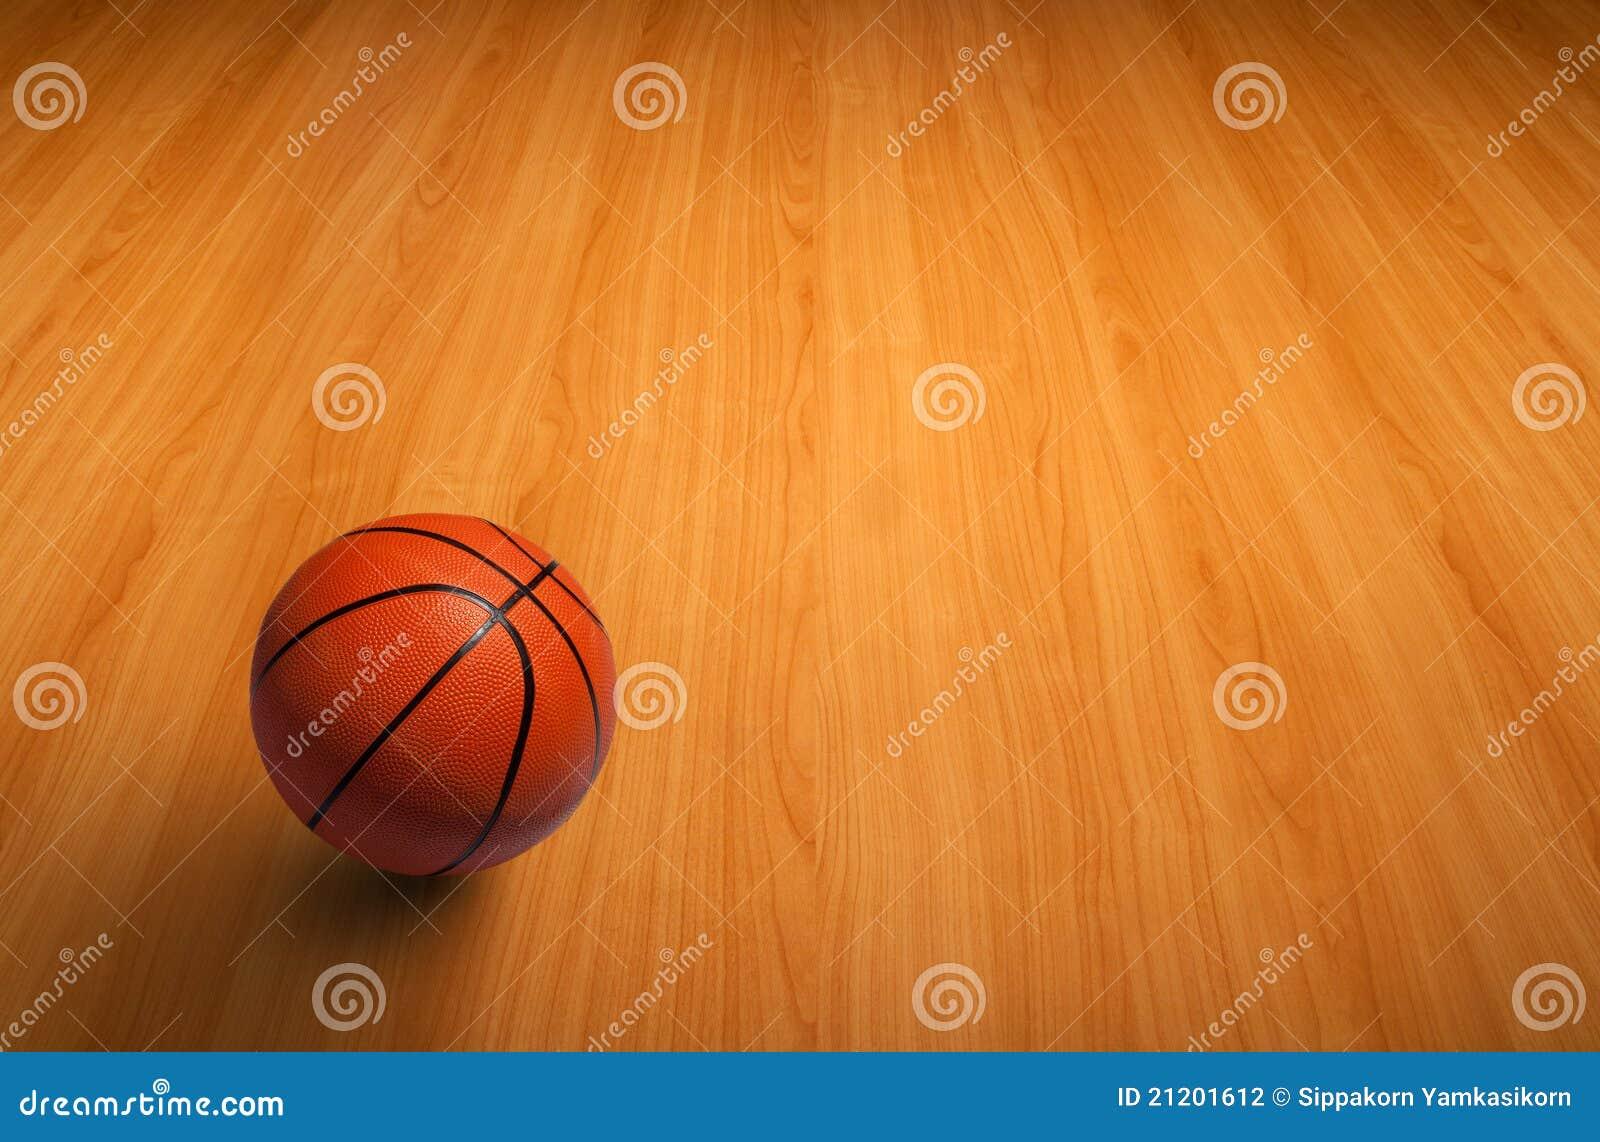 Un baloncesto en suelo de madera